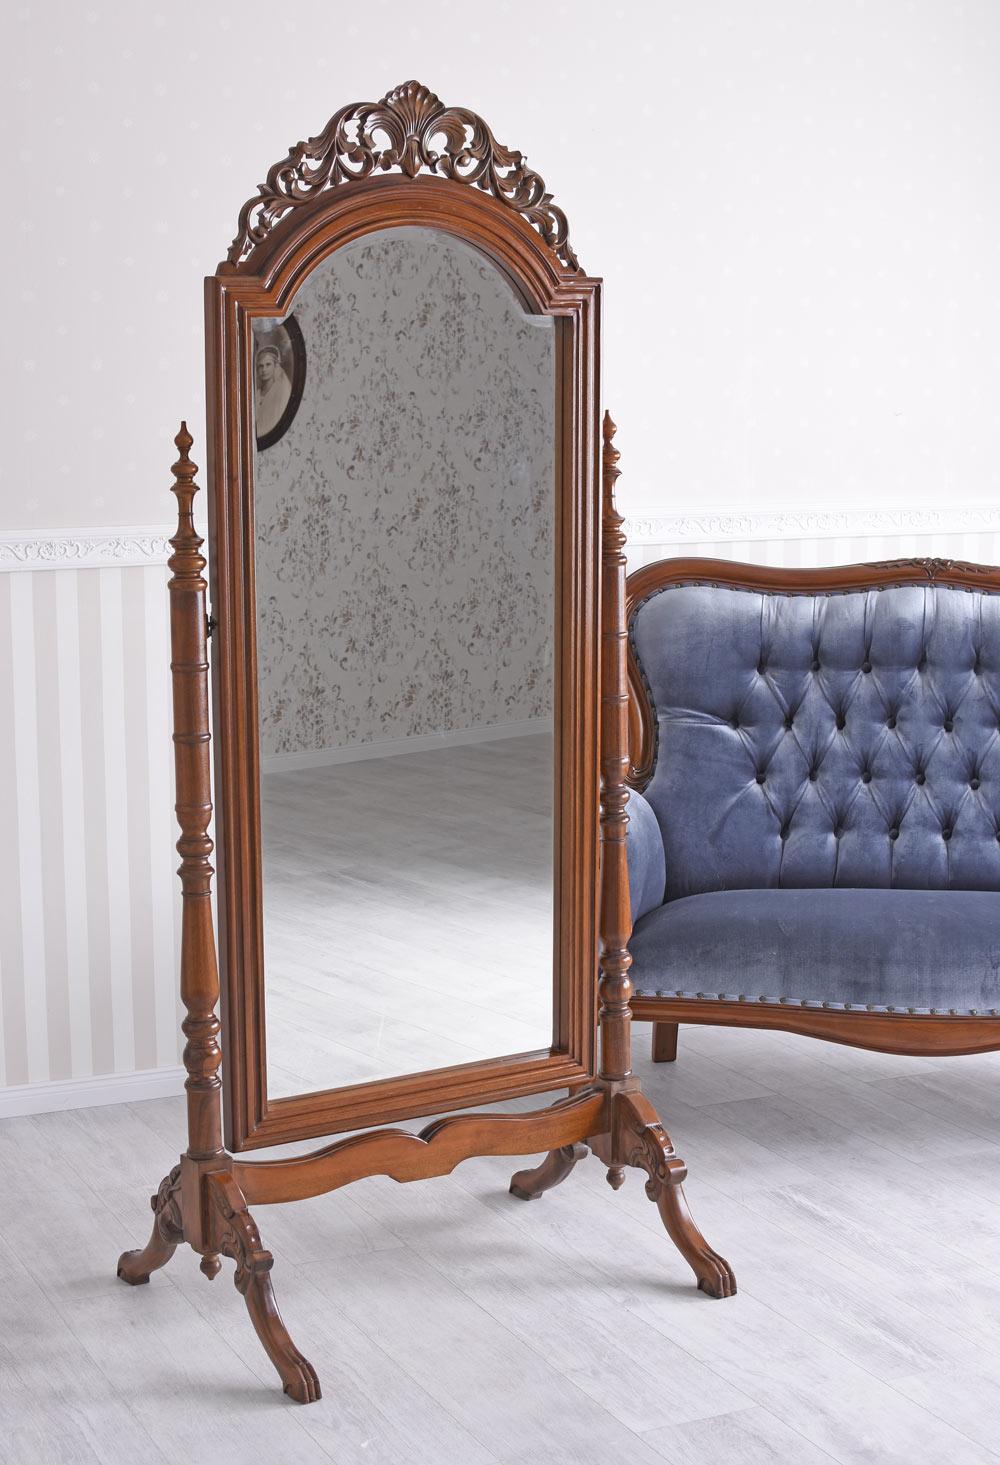 Ankleidespiegel Mahagoni Massivholz Spiegel Antik Standspiegel Ganzkörperspiegel